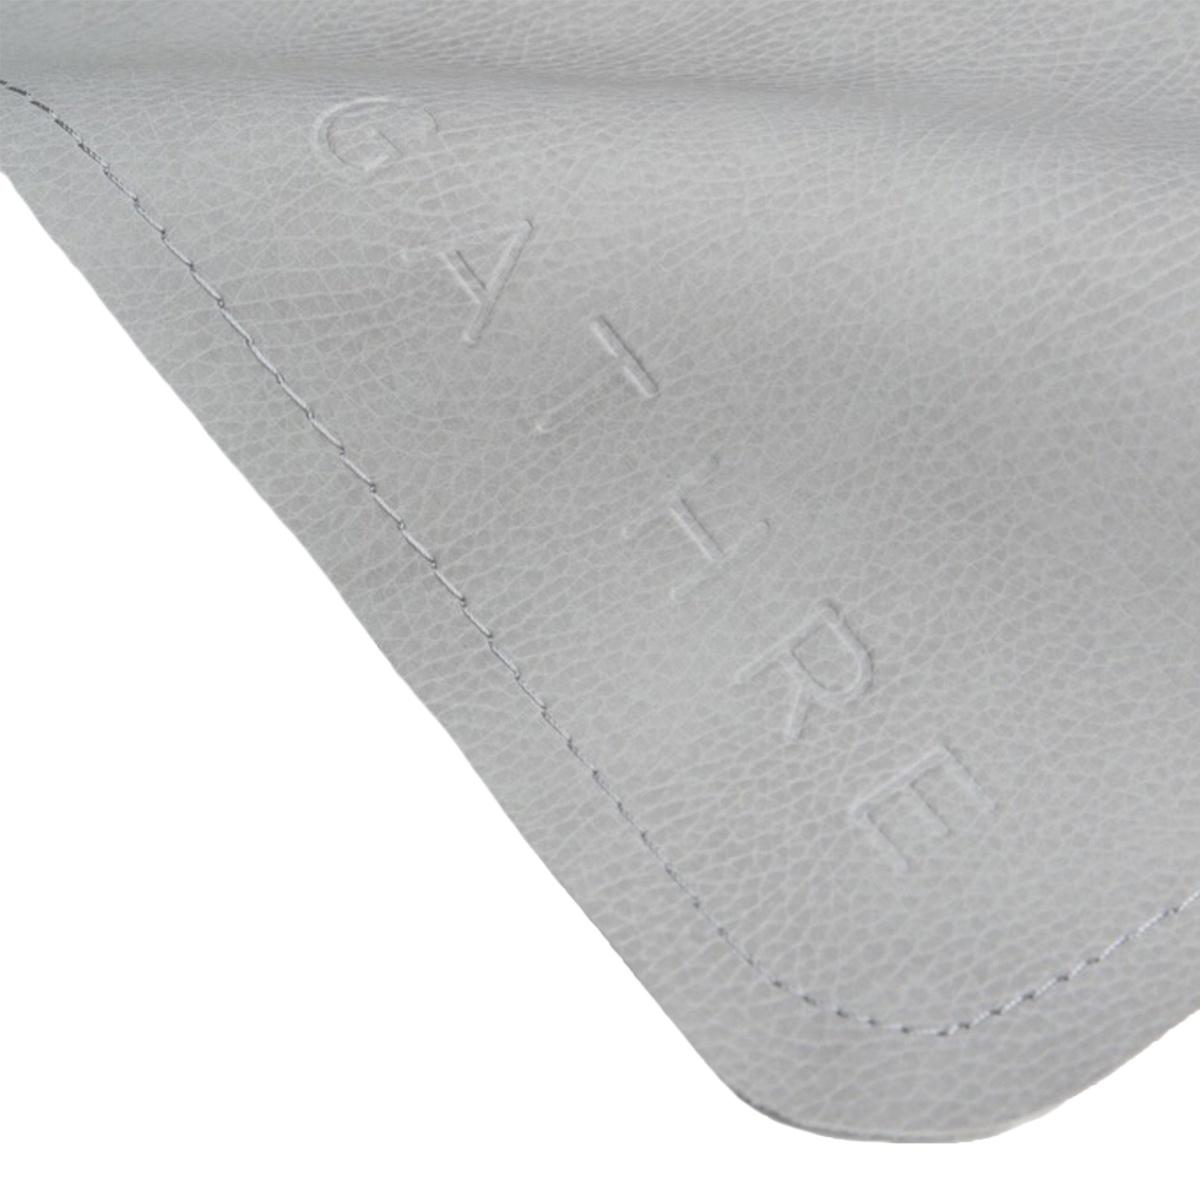 gathre Gathre Micro Mat